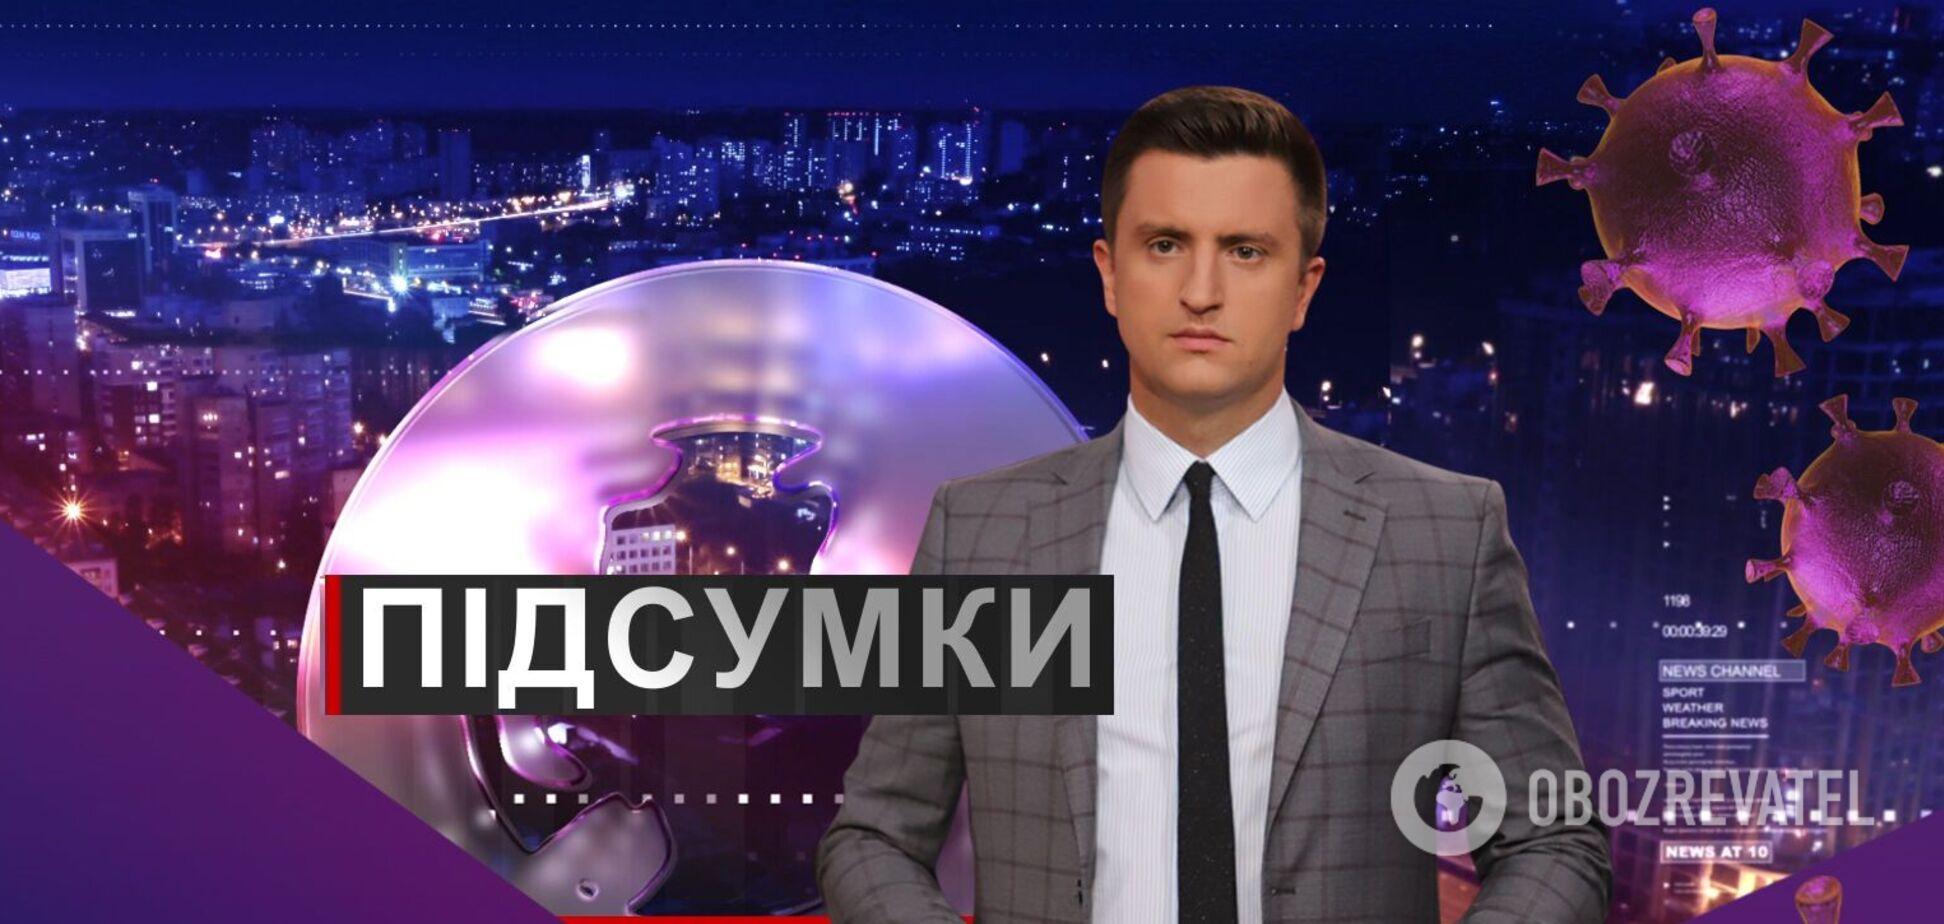 Я - ваш вирок! Українцям не вистачає кисню! Підсумки дня з Вадимом Колодійчуком. Середа, 18 листопада